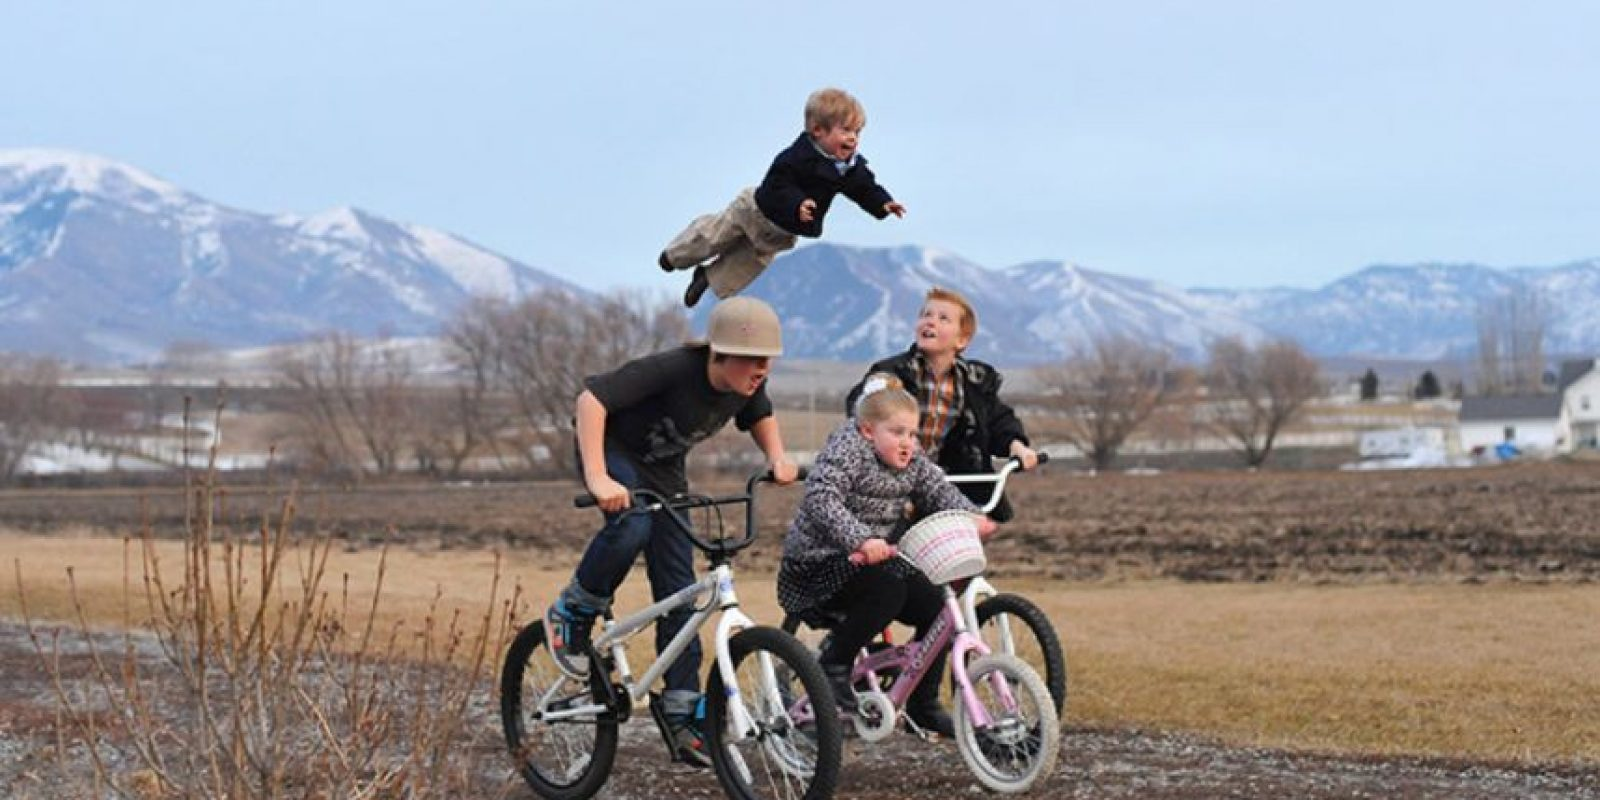 Wil Lawrence es hermano de otros cuatro pequeños. Foto:Vía thatdadblog.com